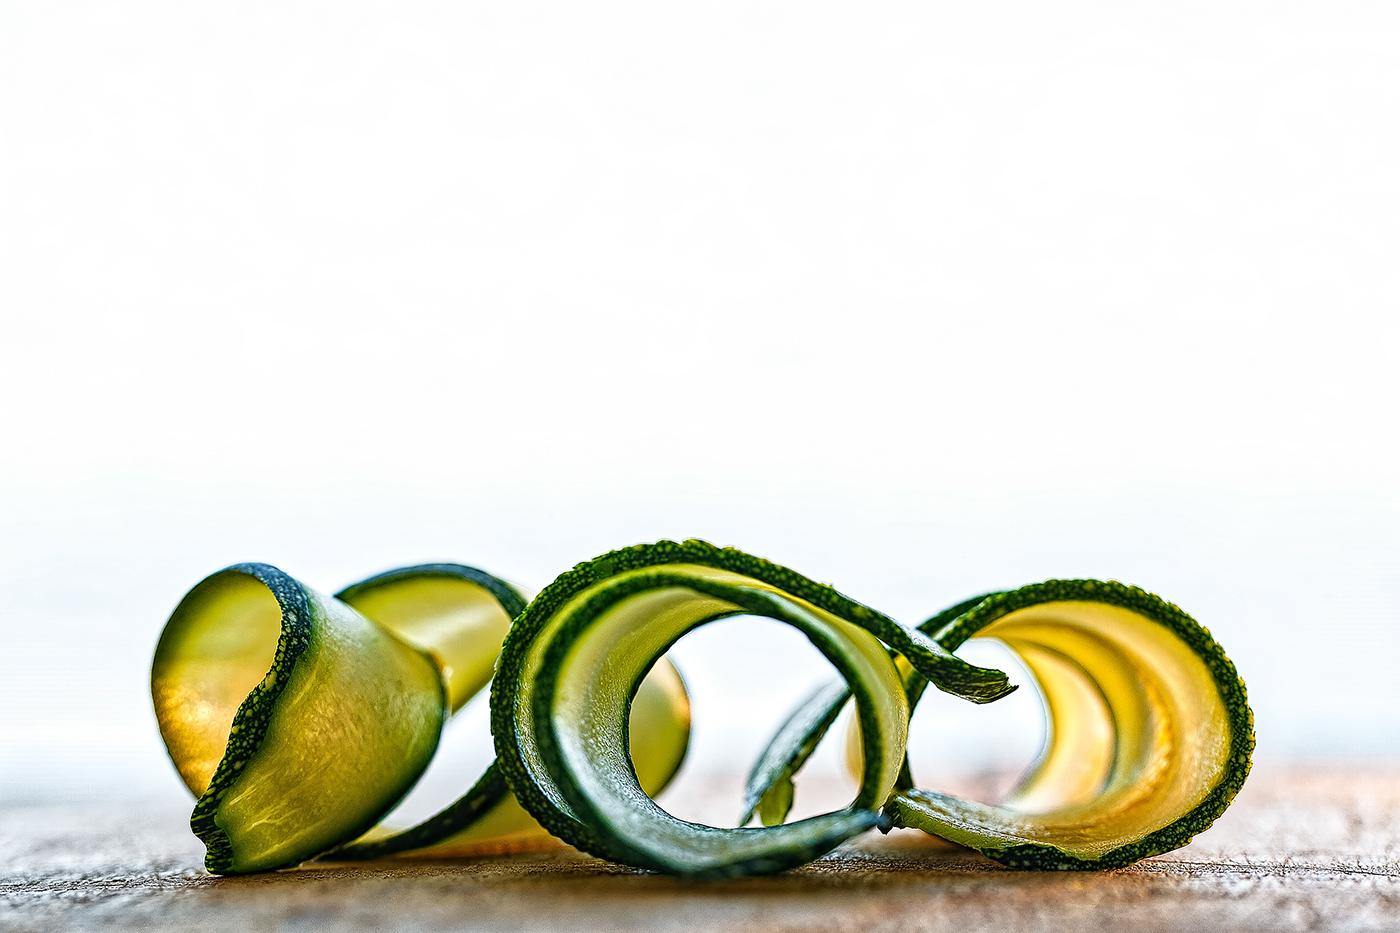 Еда в свете / фотограф Erik van Tienhoven van Weezel